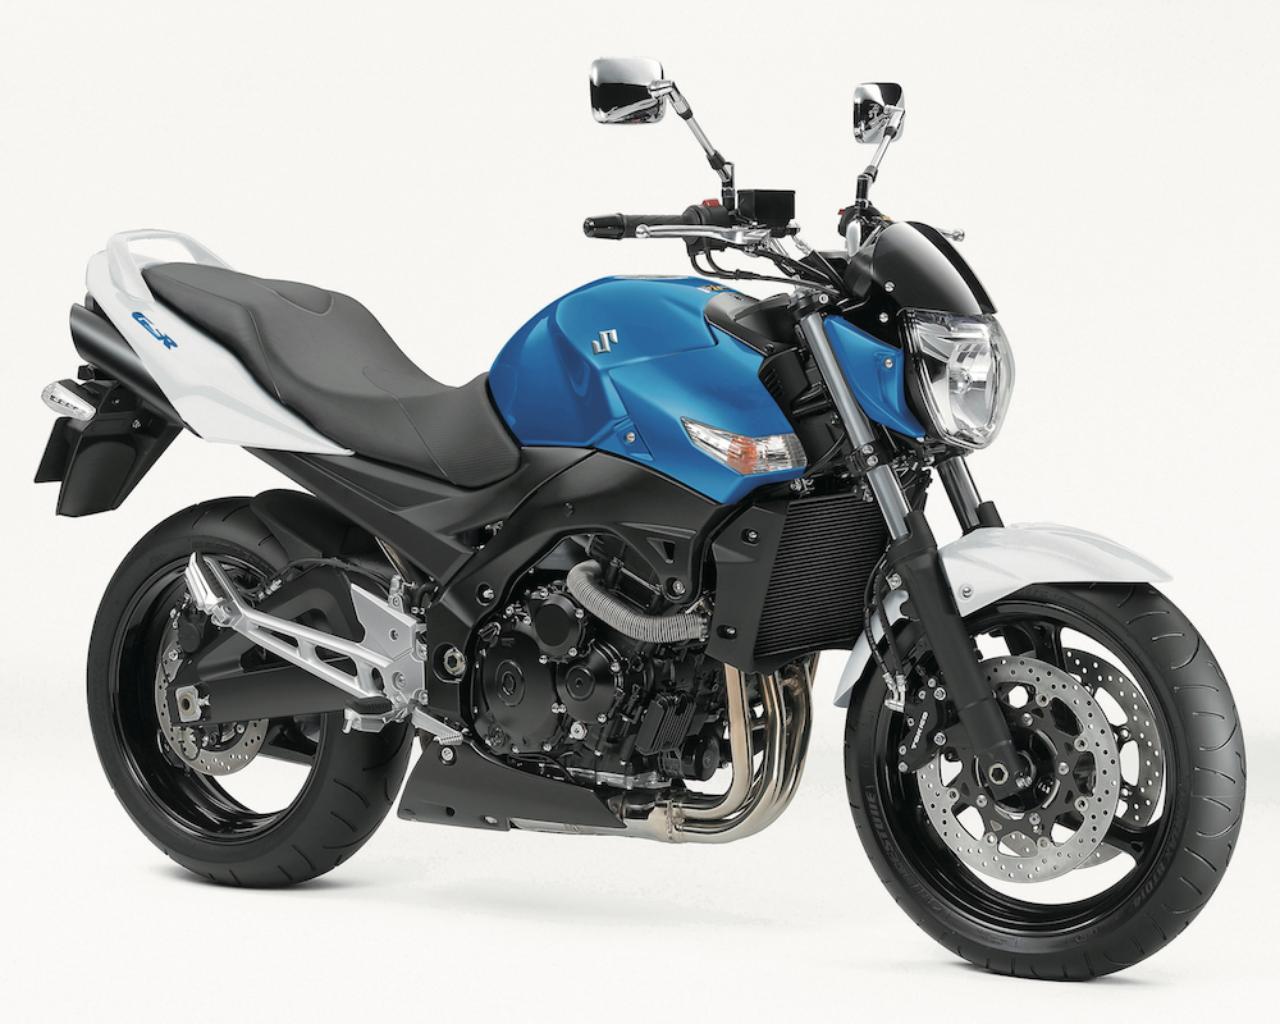 画像: S021 SUZUKI GSR400 ABS ■価格:88万5600円 軽量で剛性の高いアルミフレーム、GSX-R600用ベースのエンジンなどを備えるクラス唯一のスーパーネイキッド。現行モデルは400cc歴代最高の最高出力61PSを発揮する。